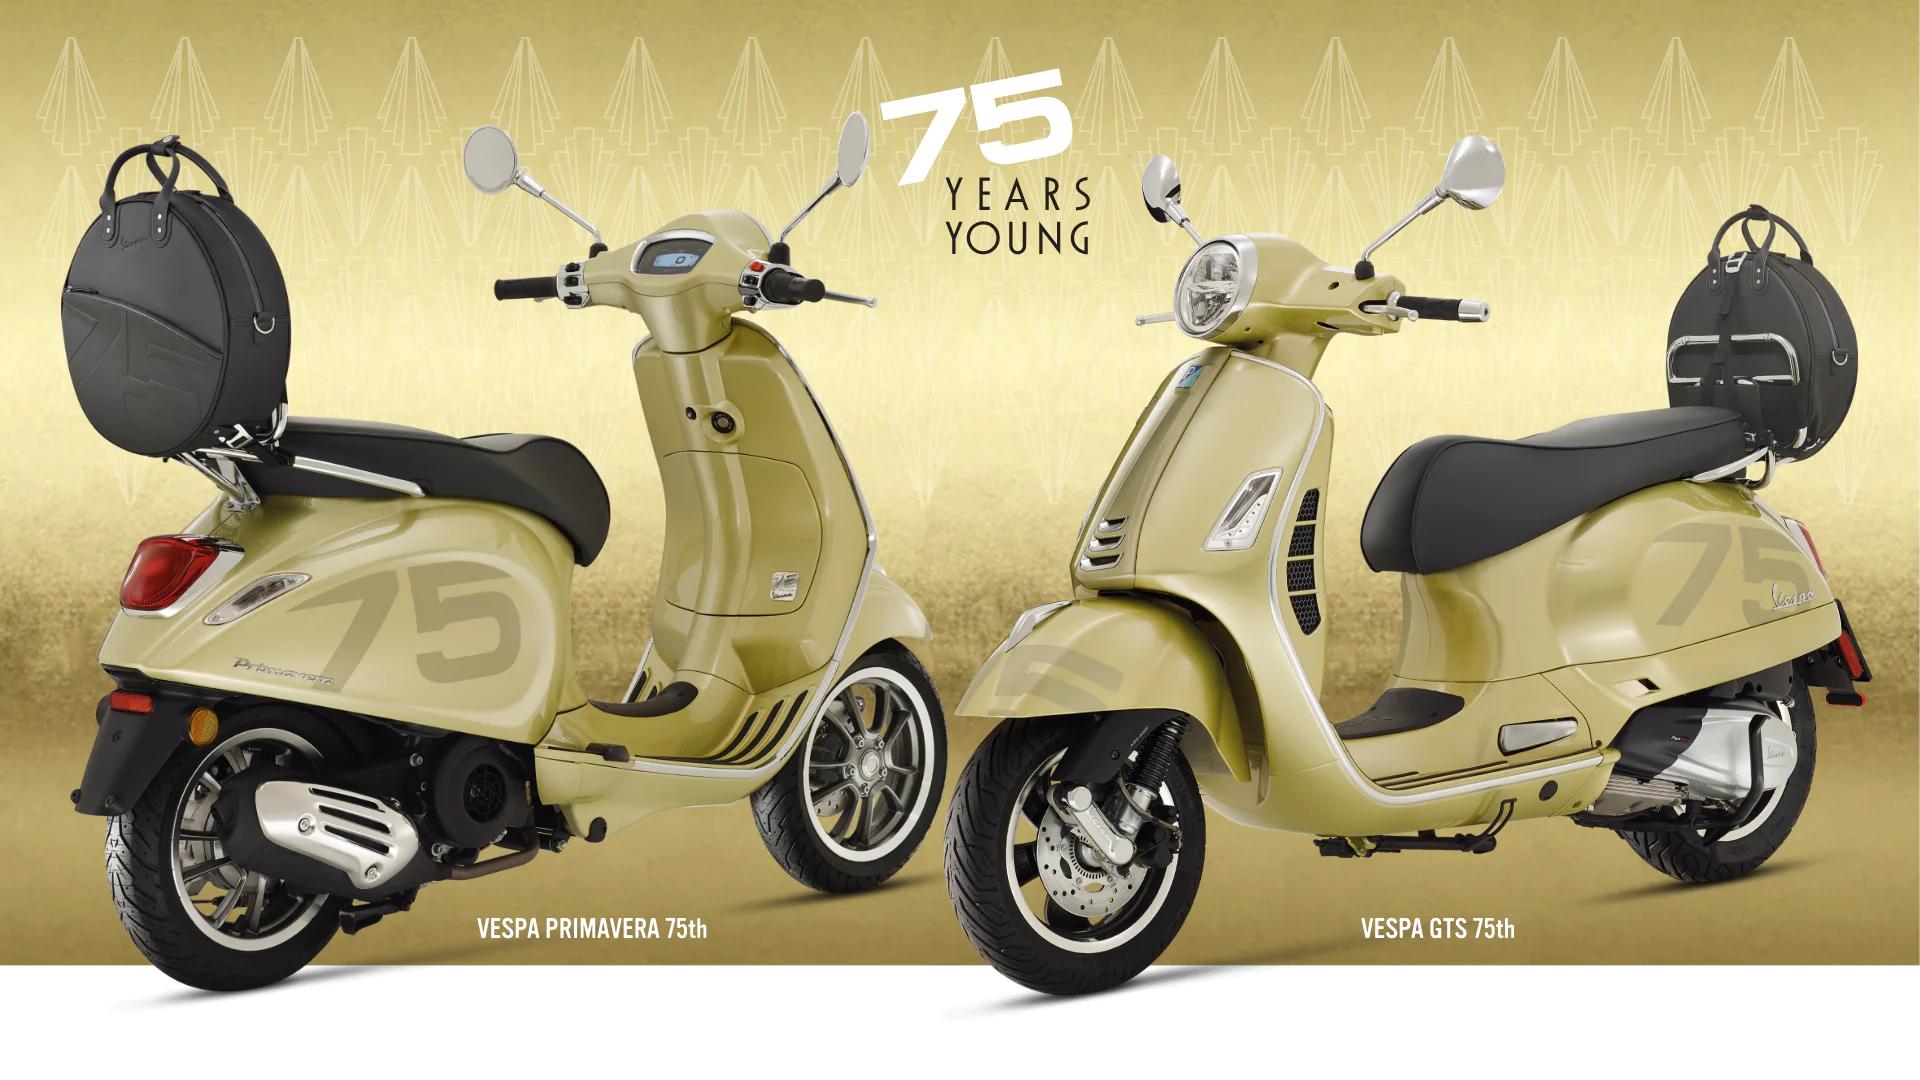 vespa-75th-edition